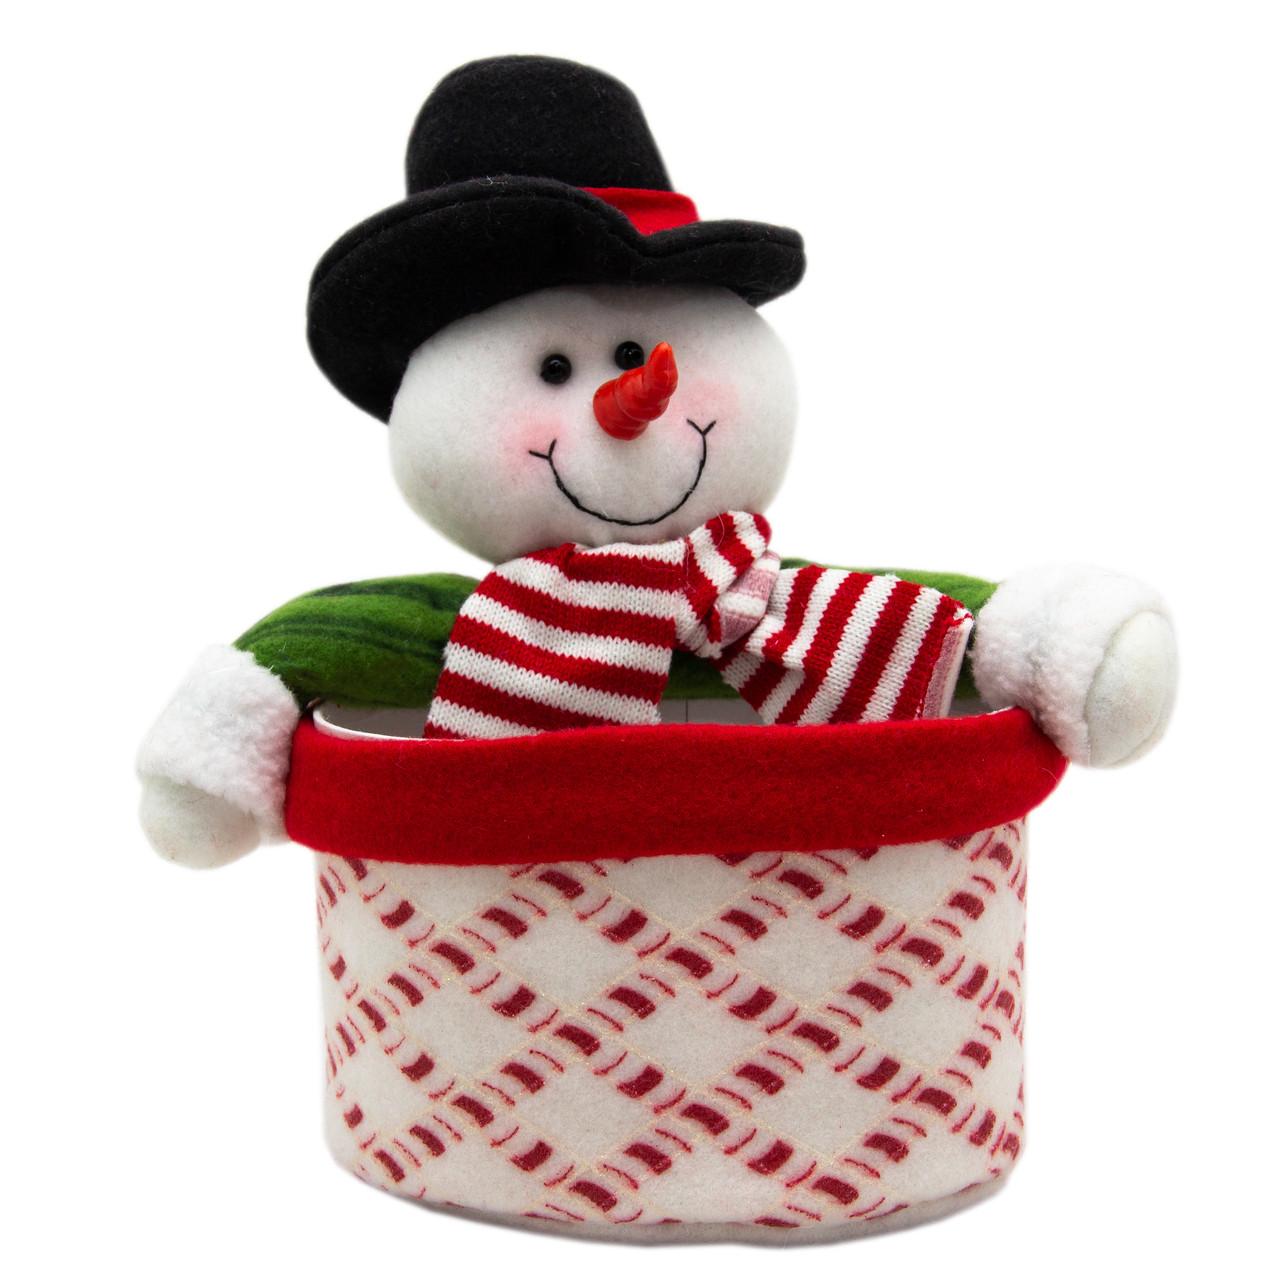 Новогодняя сувенирная фигурка Снеговик с картонным ведерком 21 см (430444)